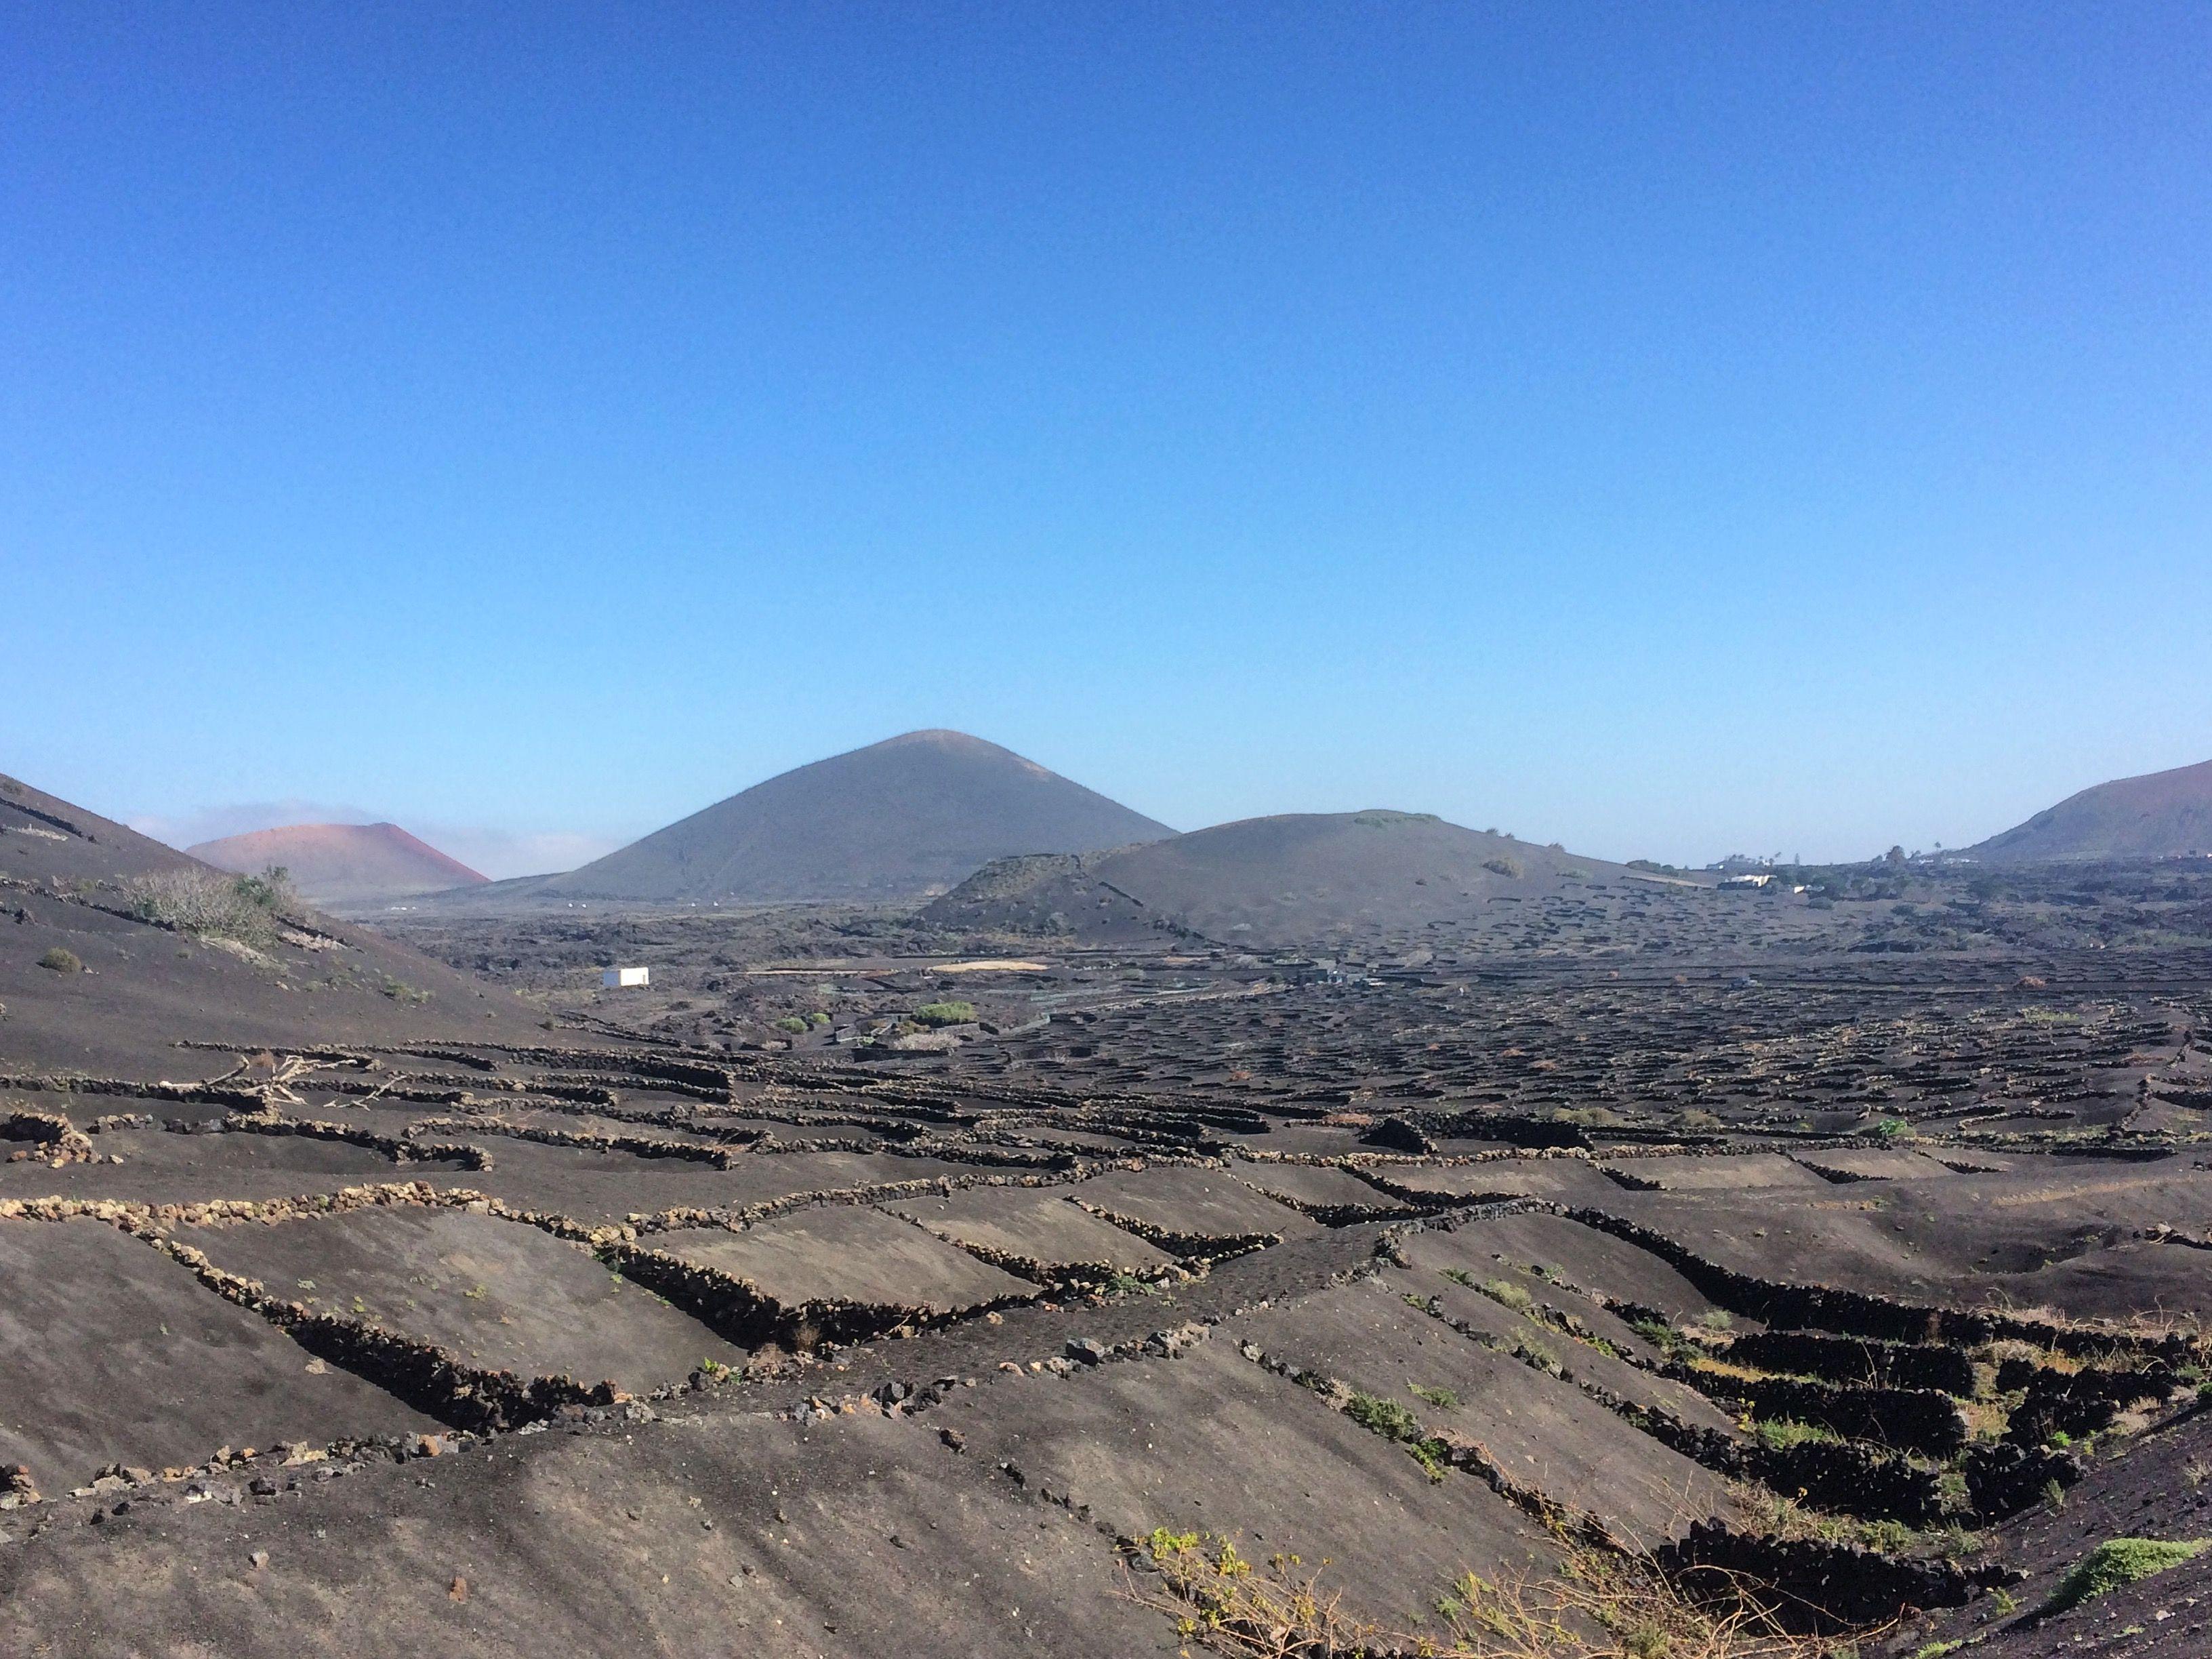 La Geria, Lanzarote, Canary Islands.